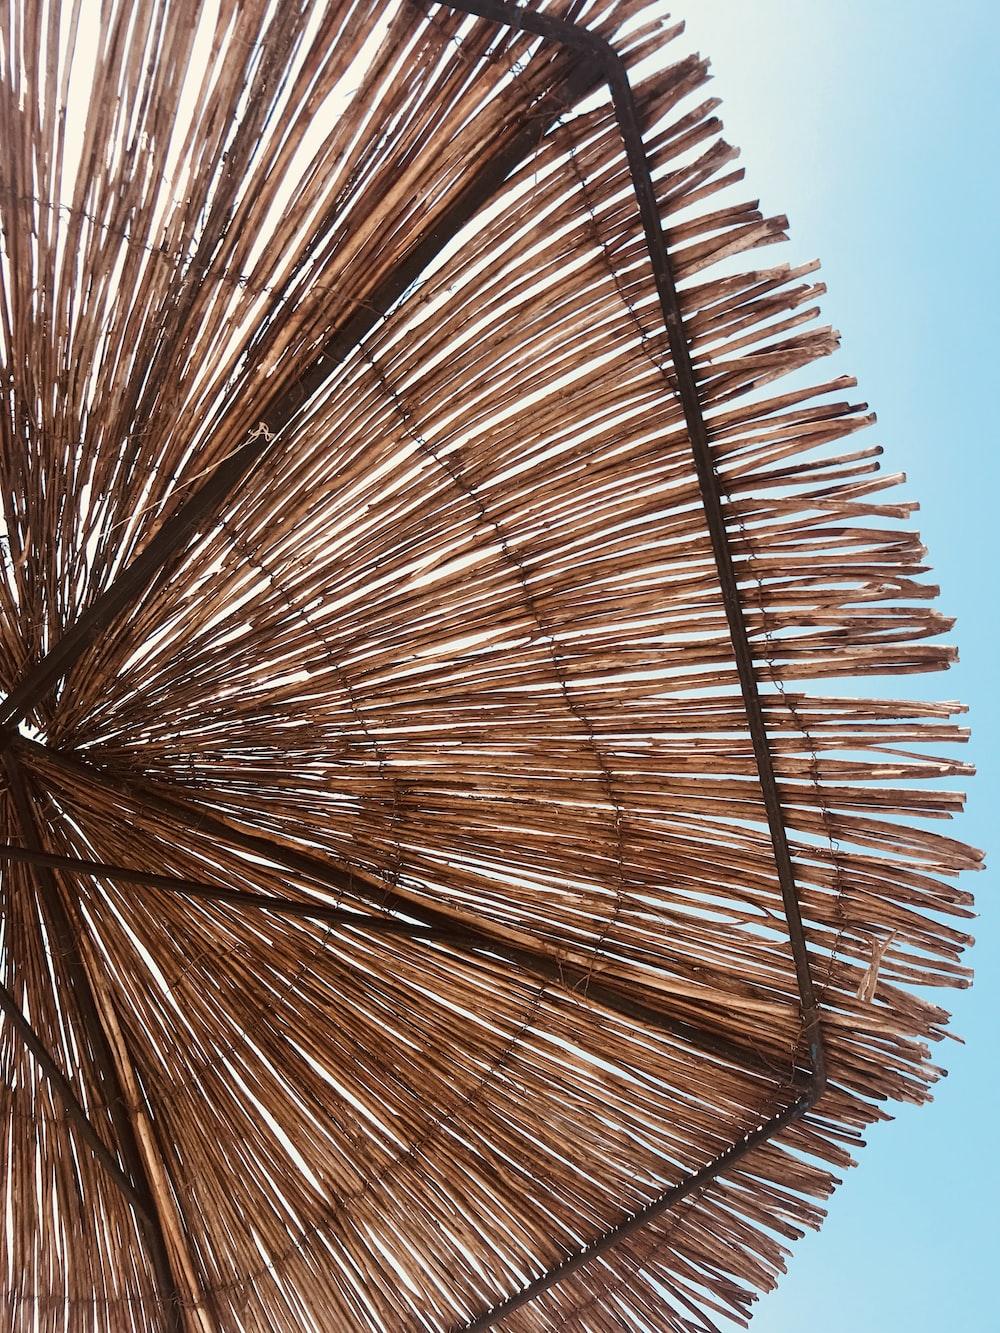 brown hay umbrella under blue sky